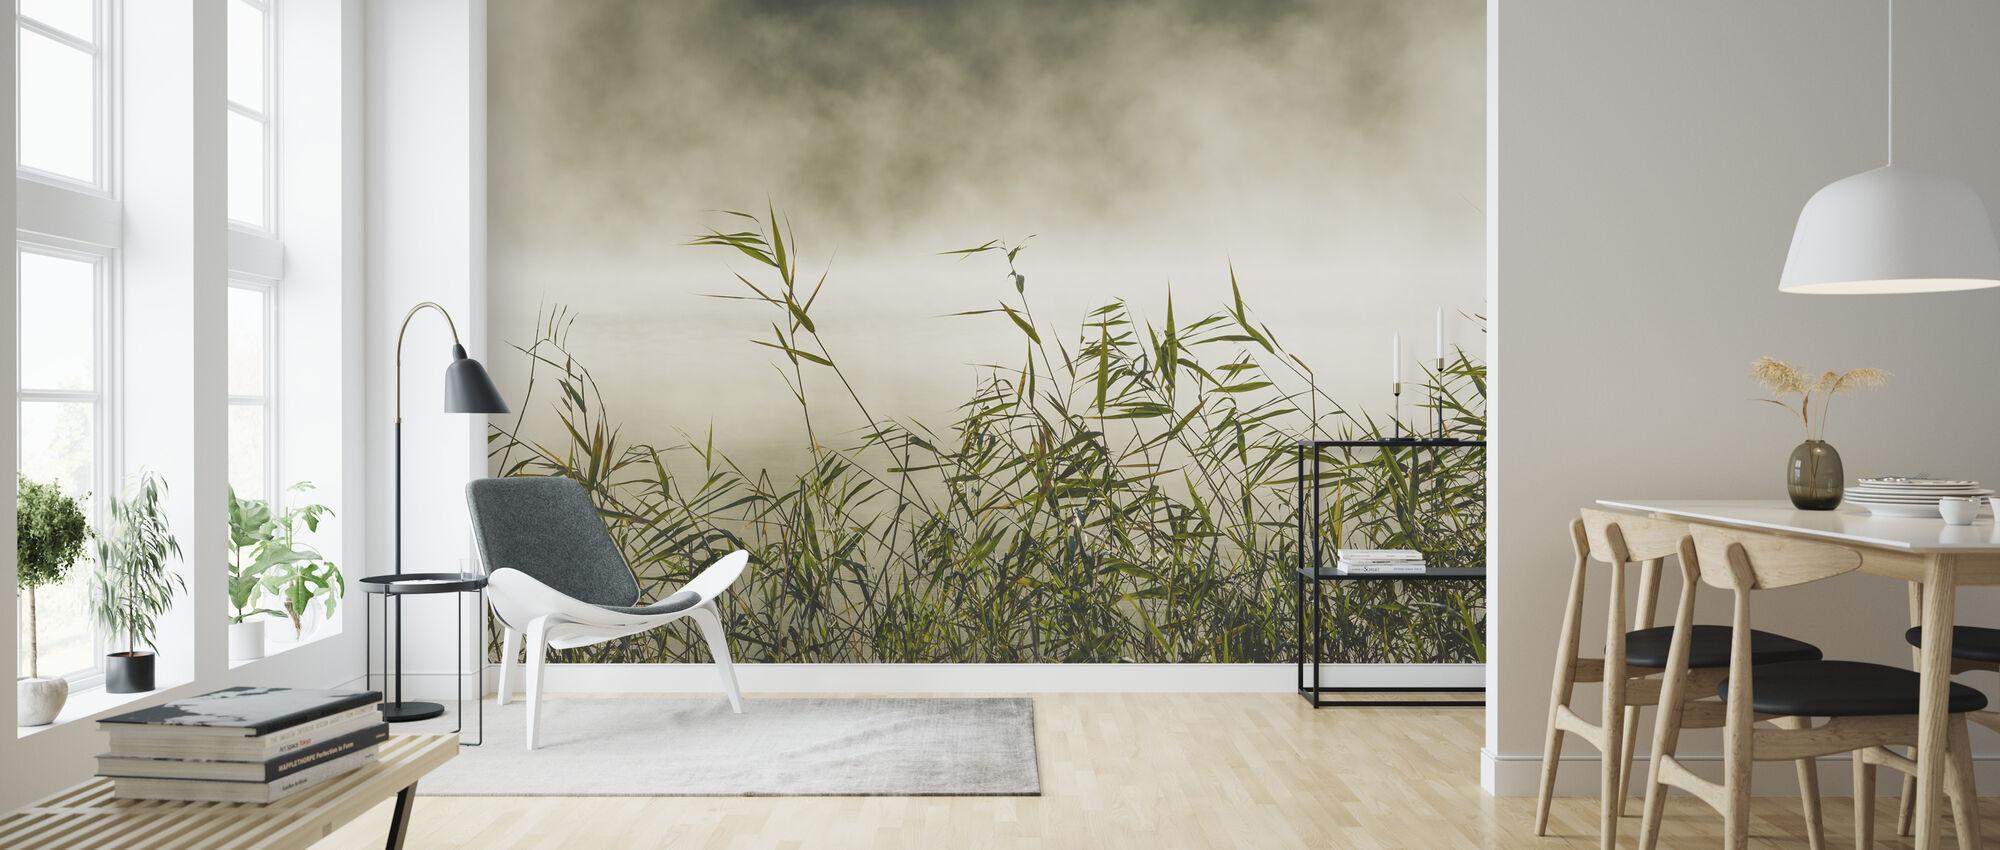 Yngaren in Fog, Sweden - Tapet - Vardagsrum